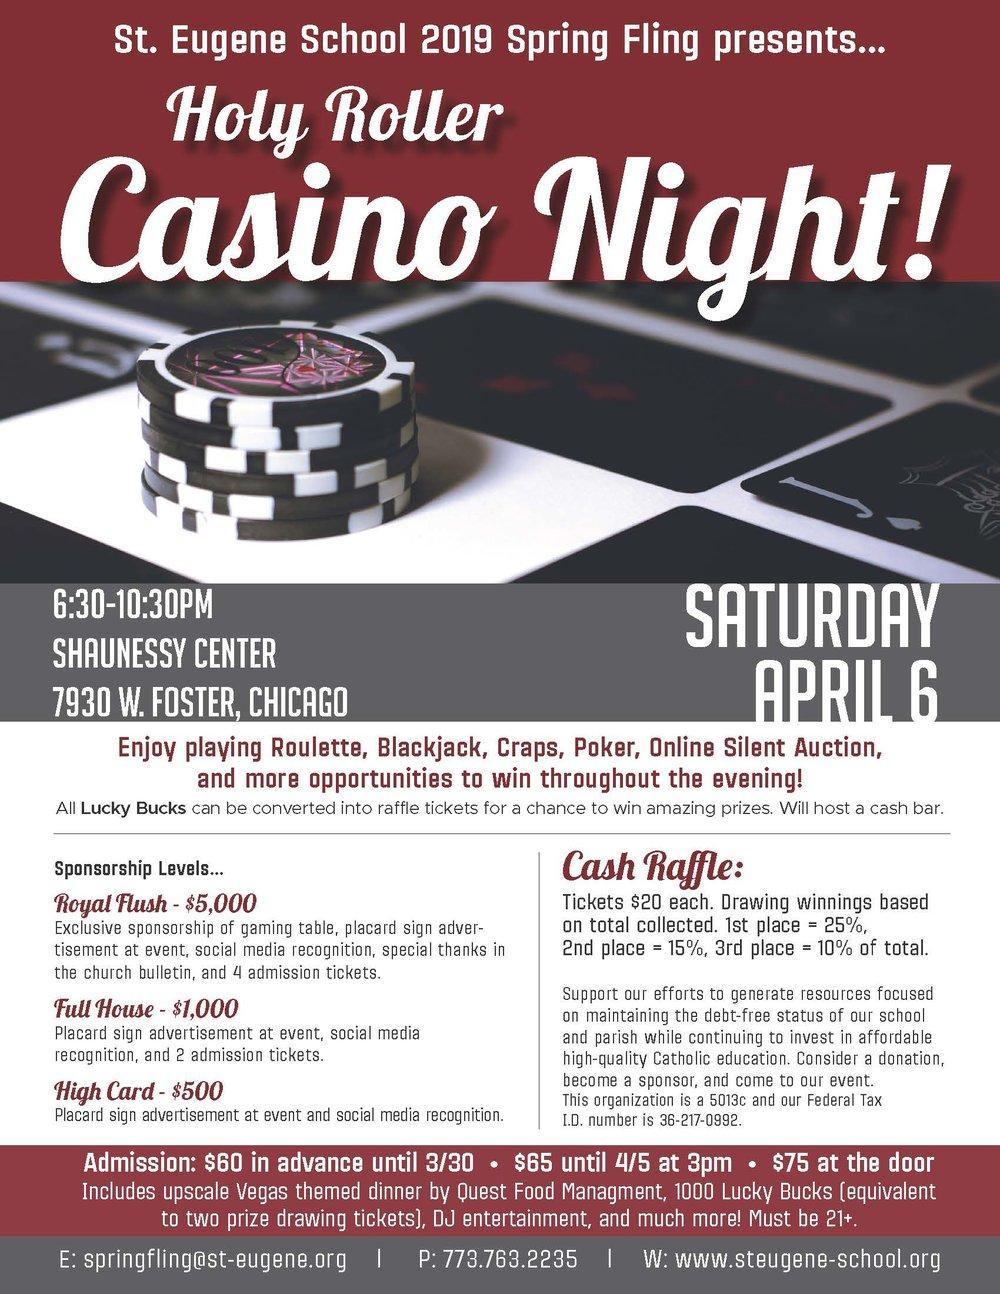 Casino Night Flyer 2019.jpg